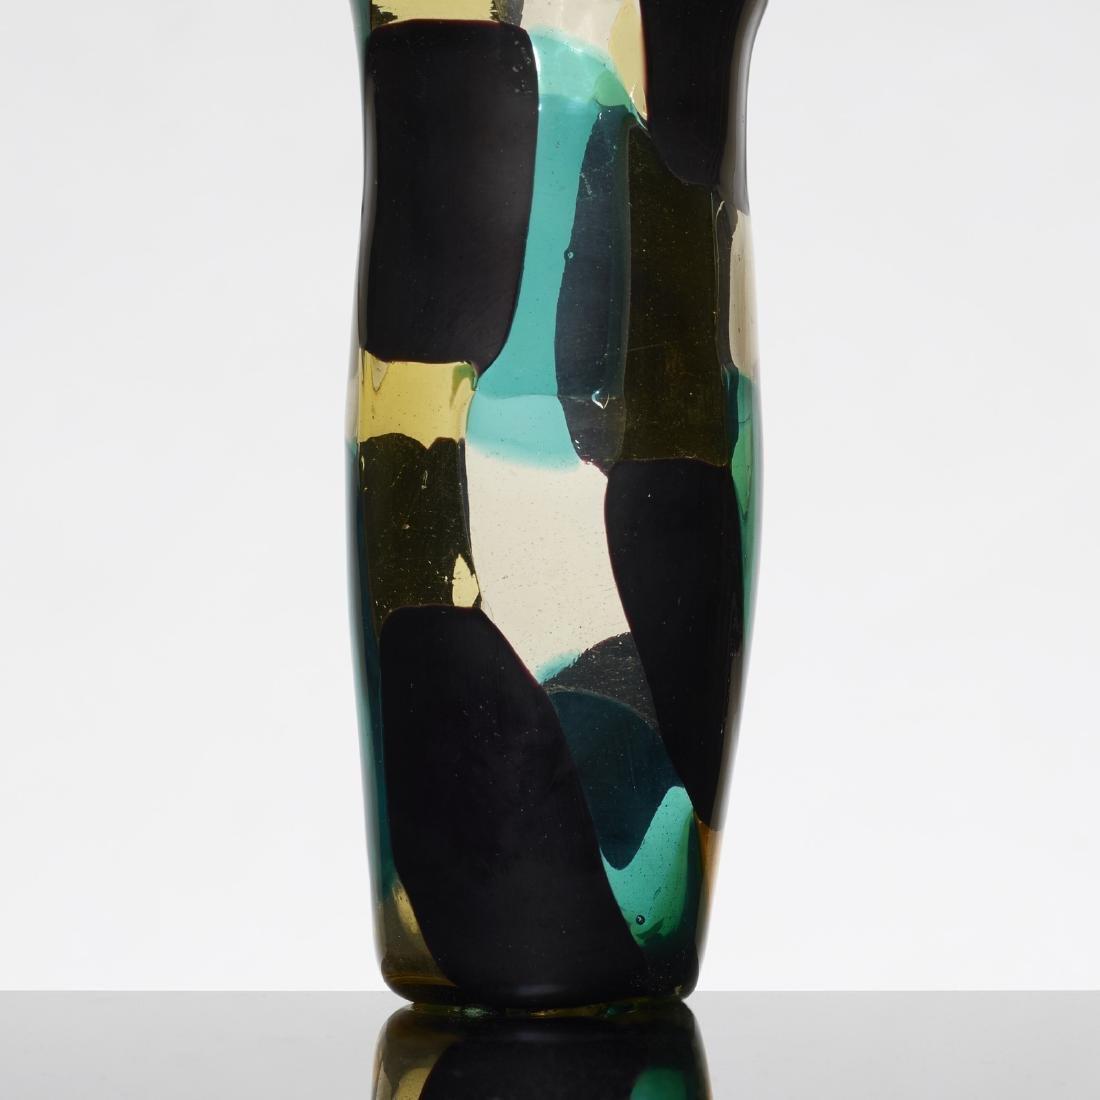 Fulvio Bianconi, Pezzato Americano vase, model 4406 - 3